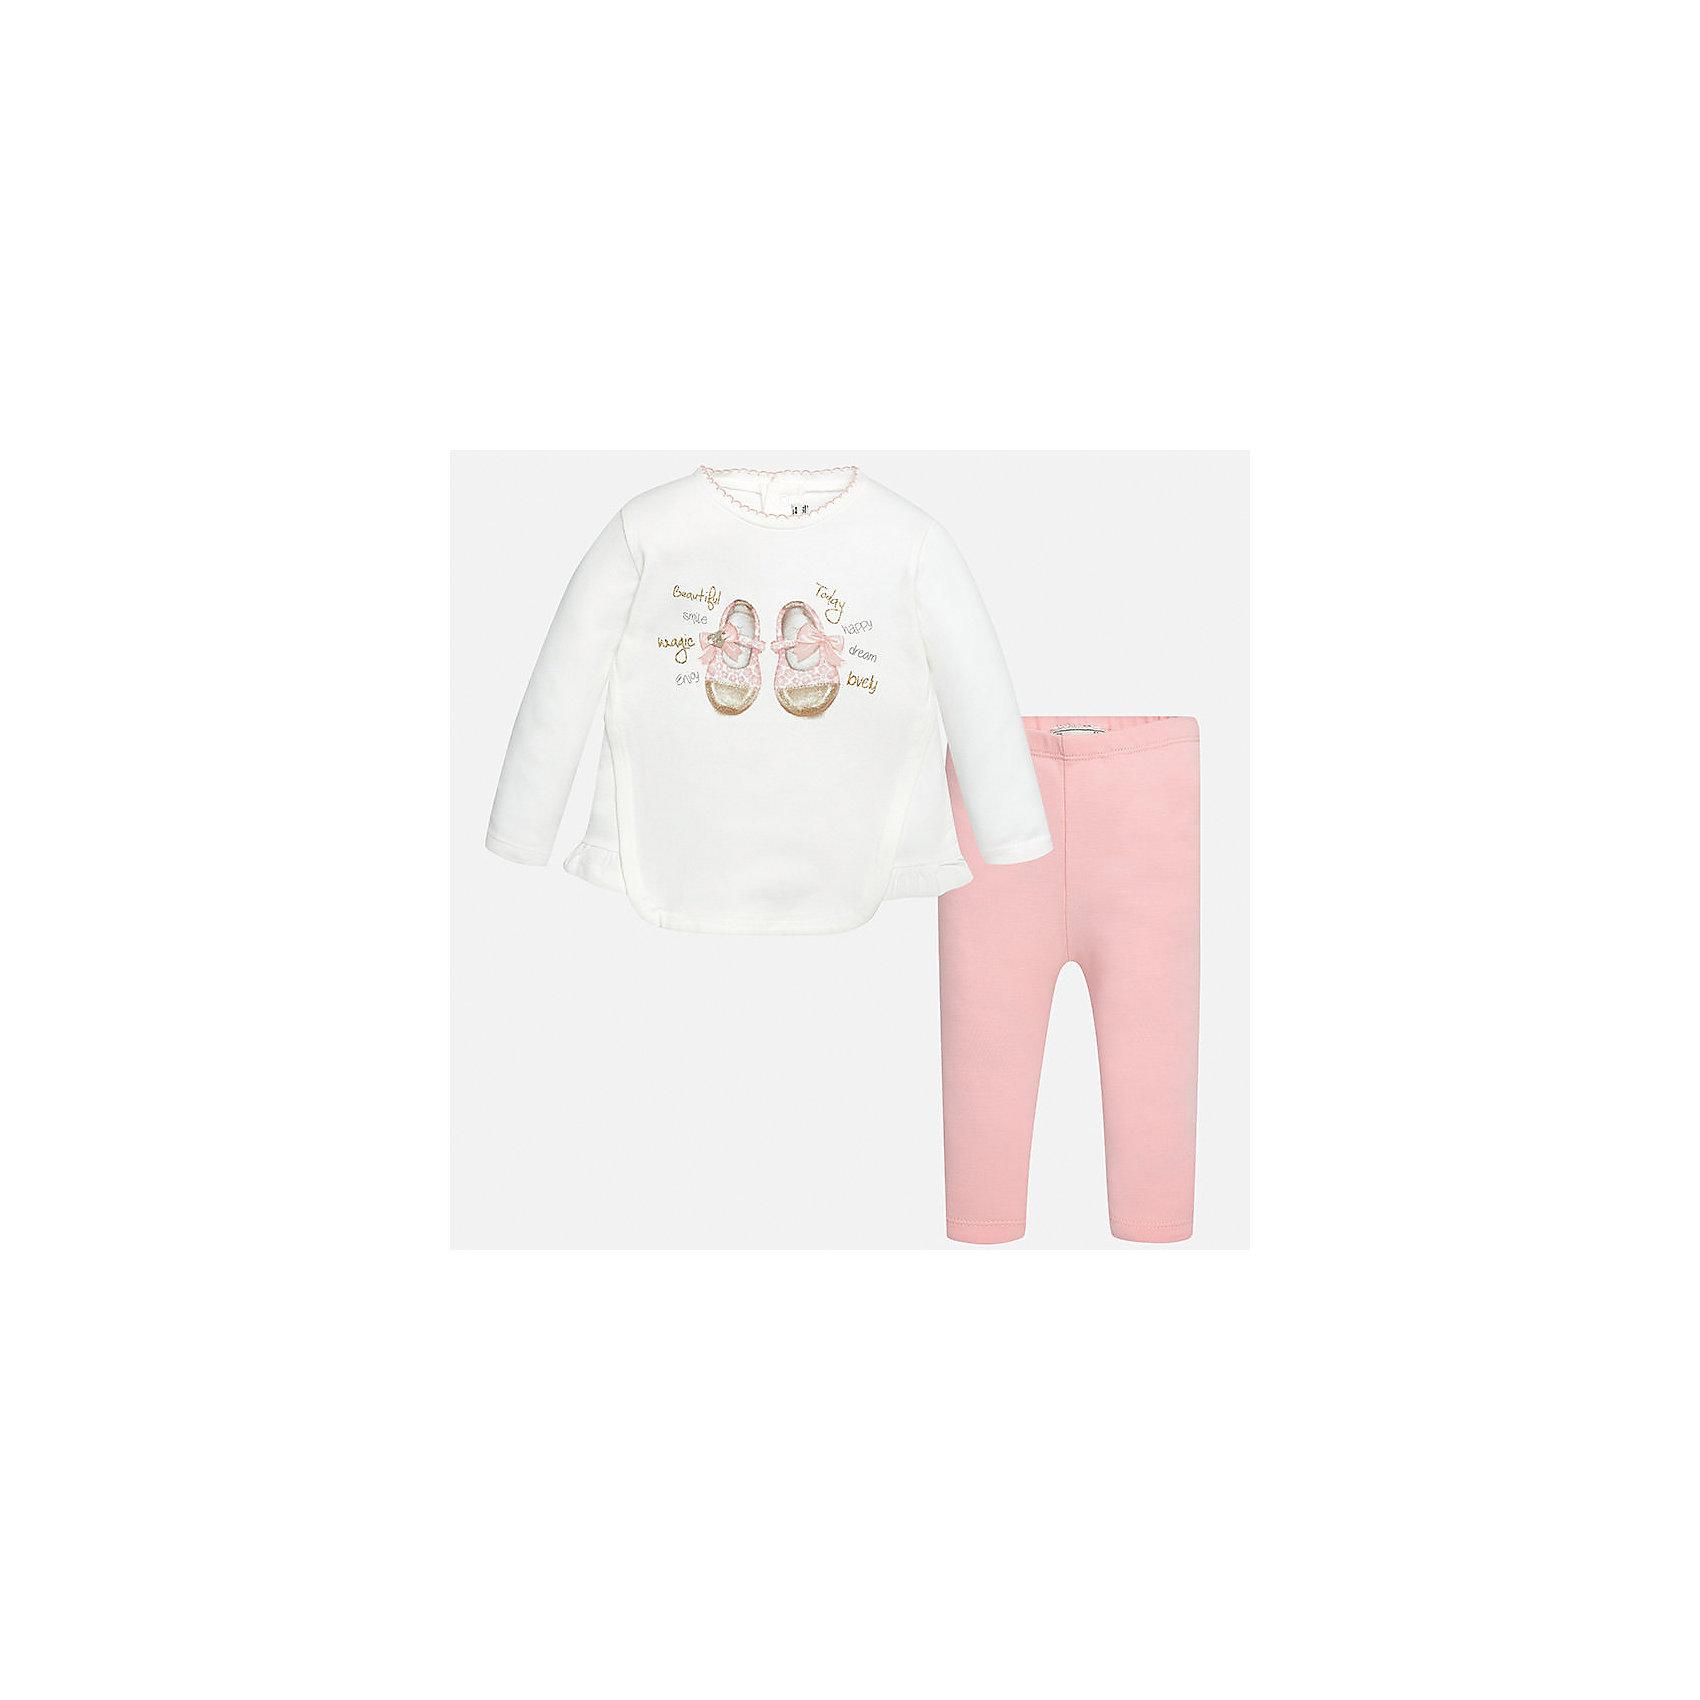 Комплект: футболка с длинным рукавом и леггинсы Mayoral для девочкиКомплекты<br>Характеристики товара:<br><br>• цвет: белый<br>• состав ткани: 92% хлопок, 8% эластан<br>• комплект: лонгслив и леггинсы<br>• сезон: демисезон<br>• особенности: принт с блестками<br>• пояс: резинка<br>• длинные рукава<br>• застежка: кнопки<br>• страна бренда: Испания<br>• страна изготовитель: Индия<br><br>Оригинальный детский комплект из лонгслива и леггинсов для девочки сделан из приятного на ощупь материала. Благодаря продуманному крою детского лонгслива создаются комфортные условия для тела. Леггинсы для девочки - однотонные.<br><br>Комплект: лонгслив и леггинсы для девочки Mayoral (Майорал) можно купить в нашем интернет-магазине.<br><br>Ширина мм: 123<br>Глубина мм: 10<br>Высота мм: 149<br>Вес г: 209<br>Цвет: светло-розовый<br>Возраст от месяцев: 24<br>Возраст до месяцев: 36<br>Пол: Женский<br>Возраст: Детский<br>Размер: 98,74,80,86,92<br>SKU: 6920595